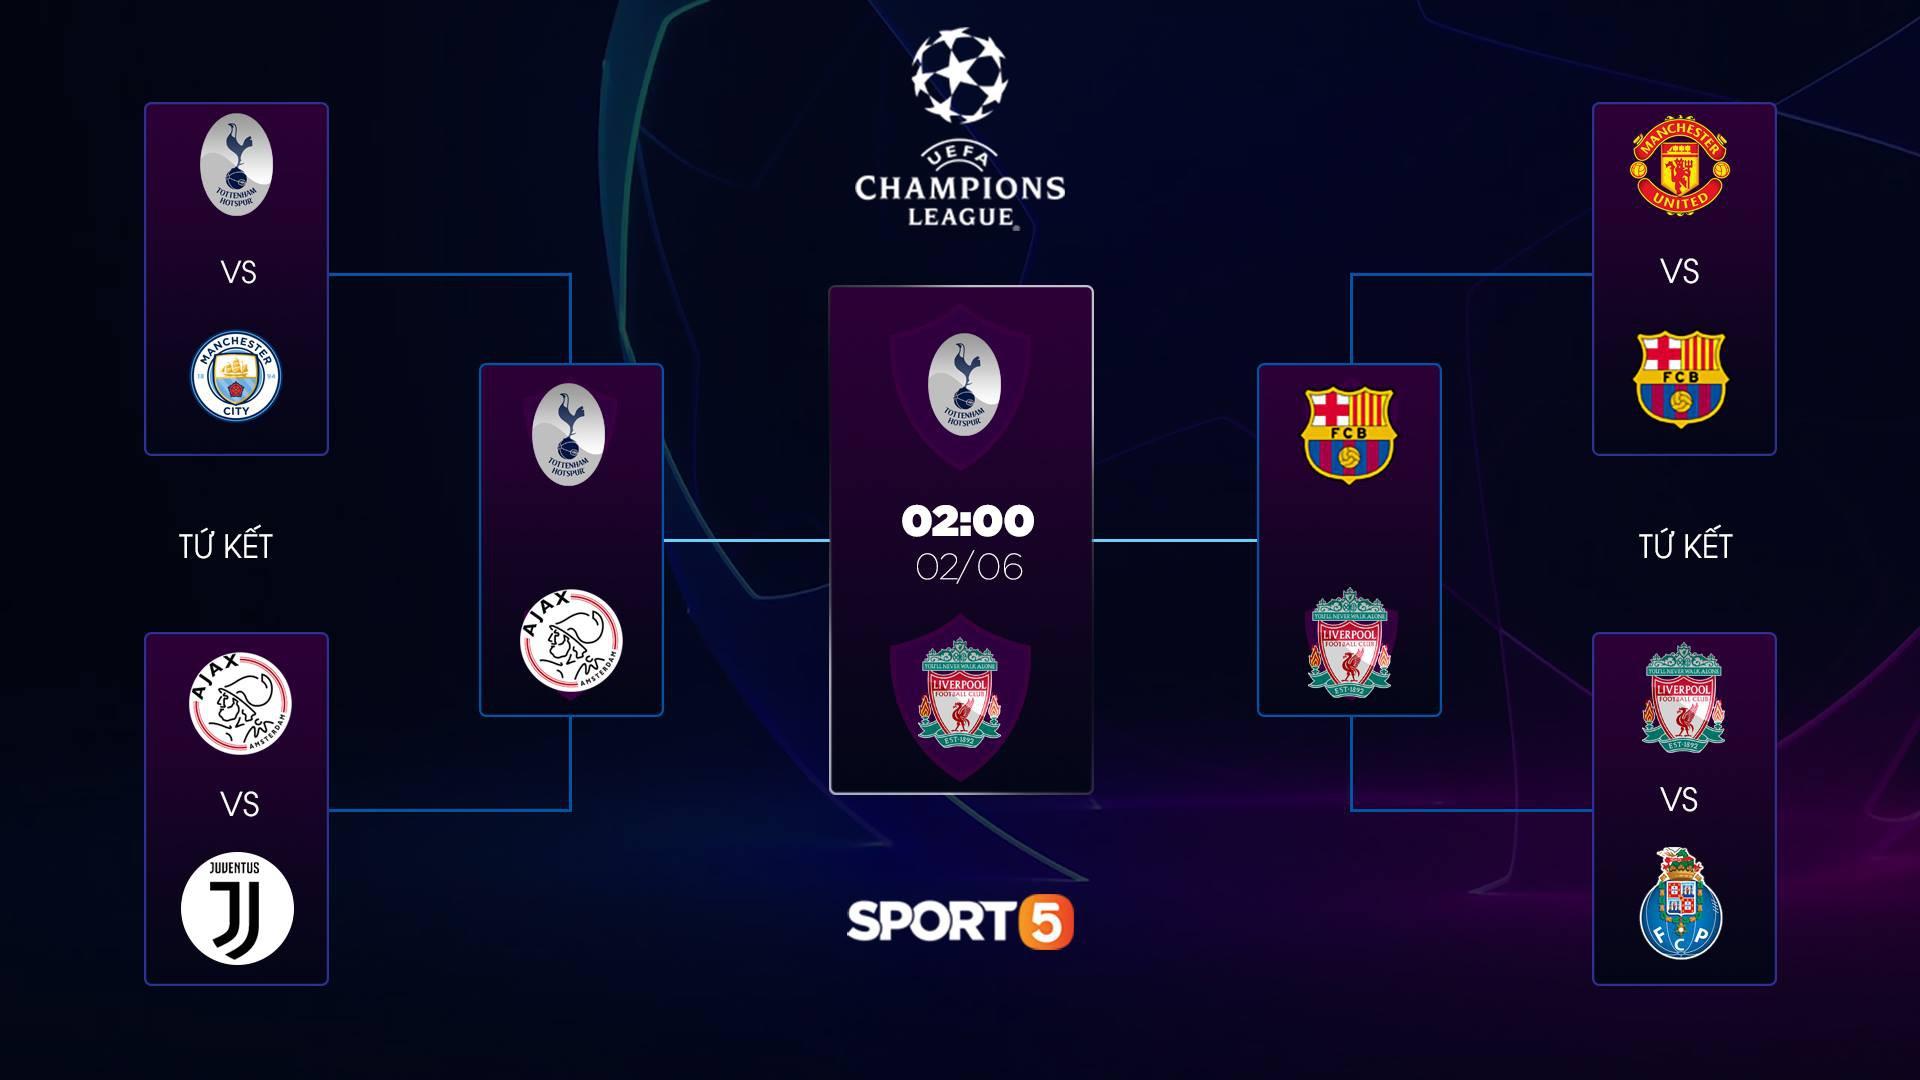 Lịch thi đấu chung kết Champions League 2019, nhanh tay save lại để không bỏ lỡ trận đấu bóng đá hay nhất năm nay - Ảnh 2.